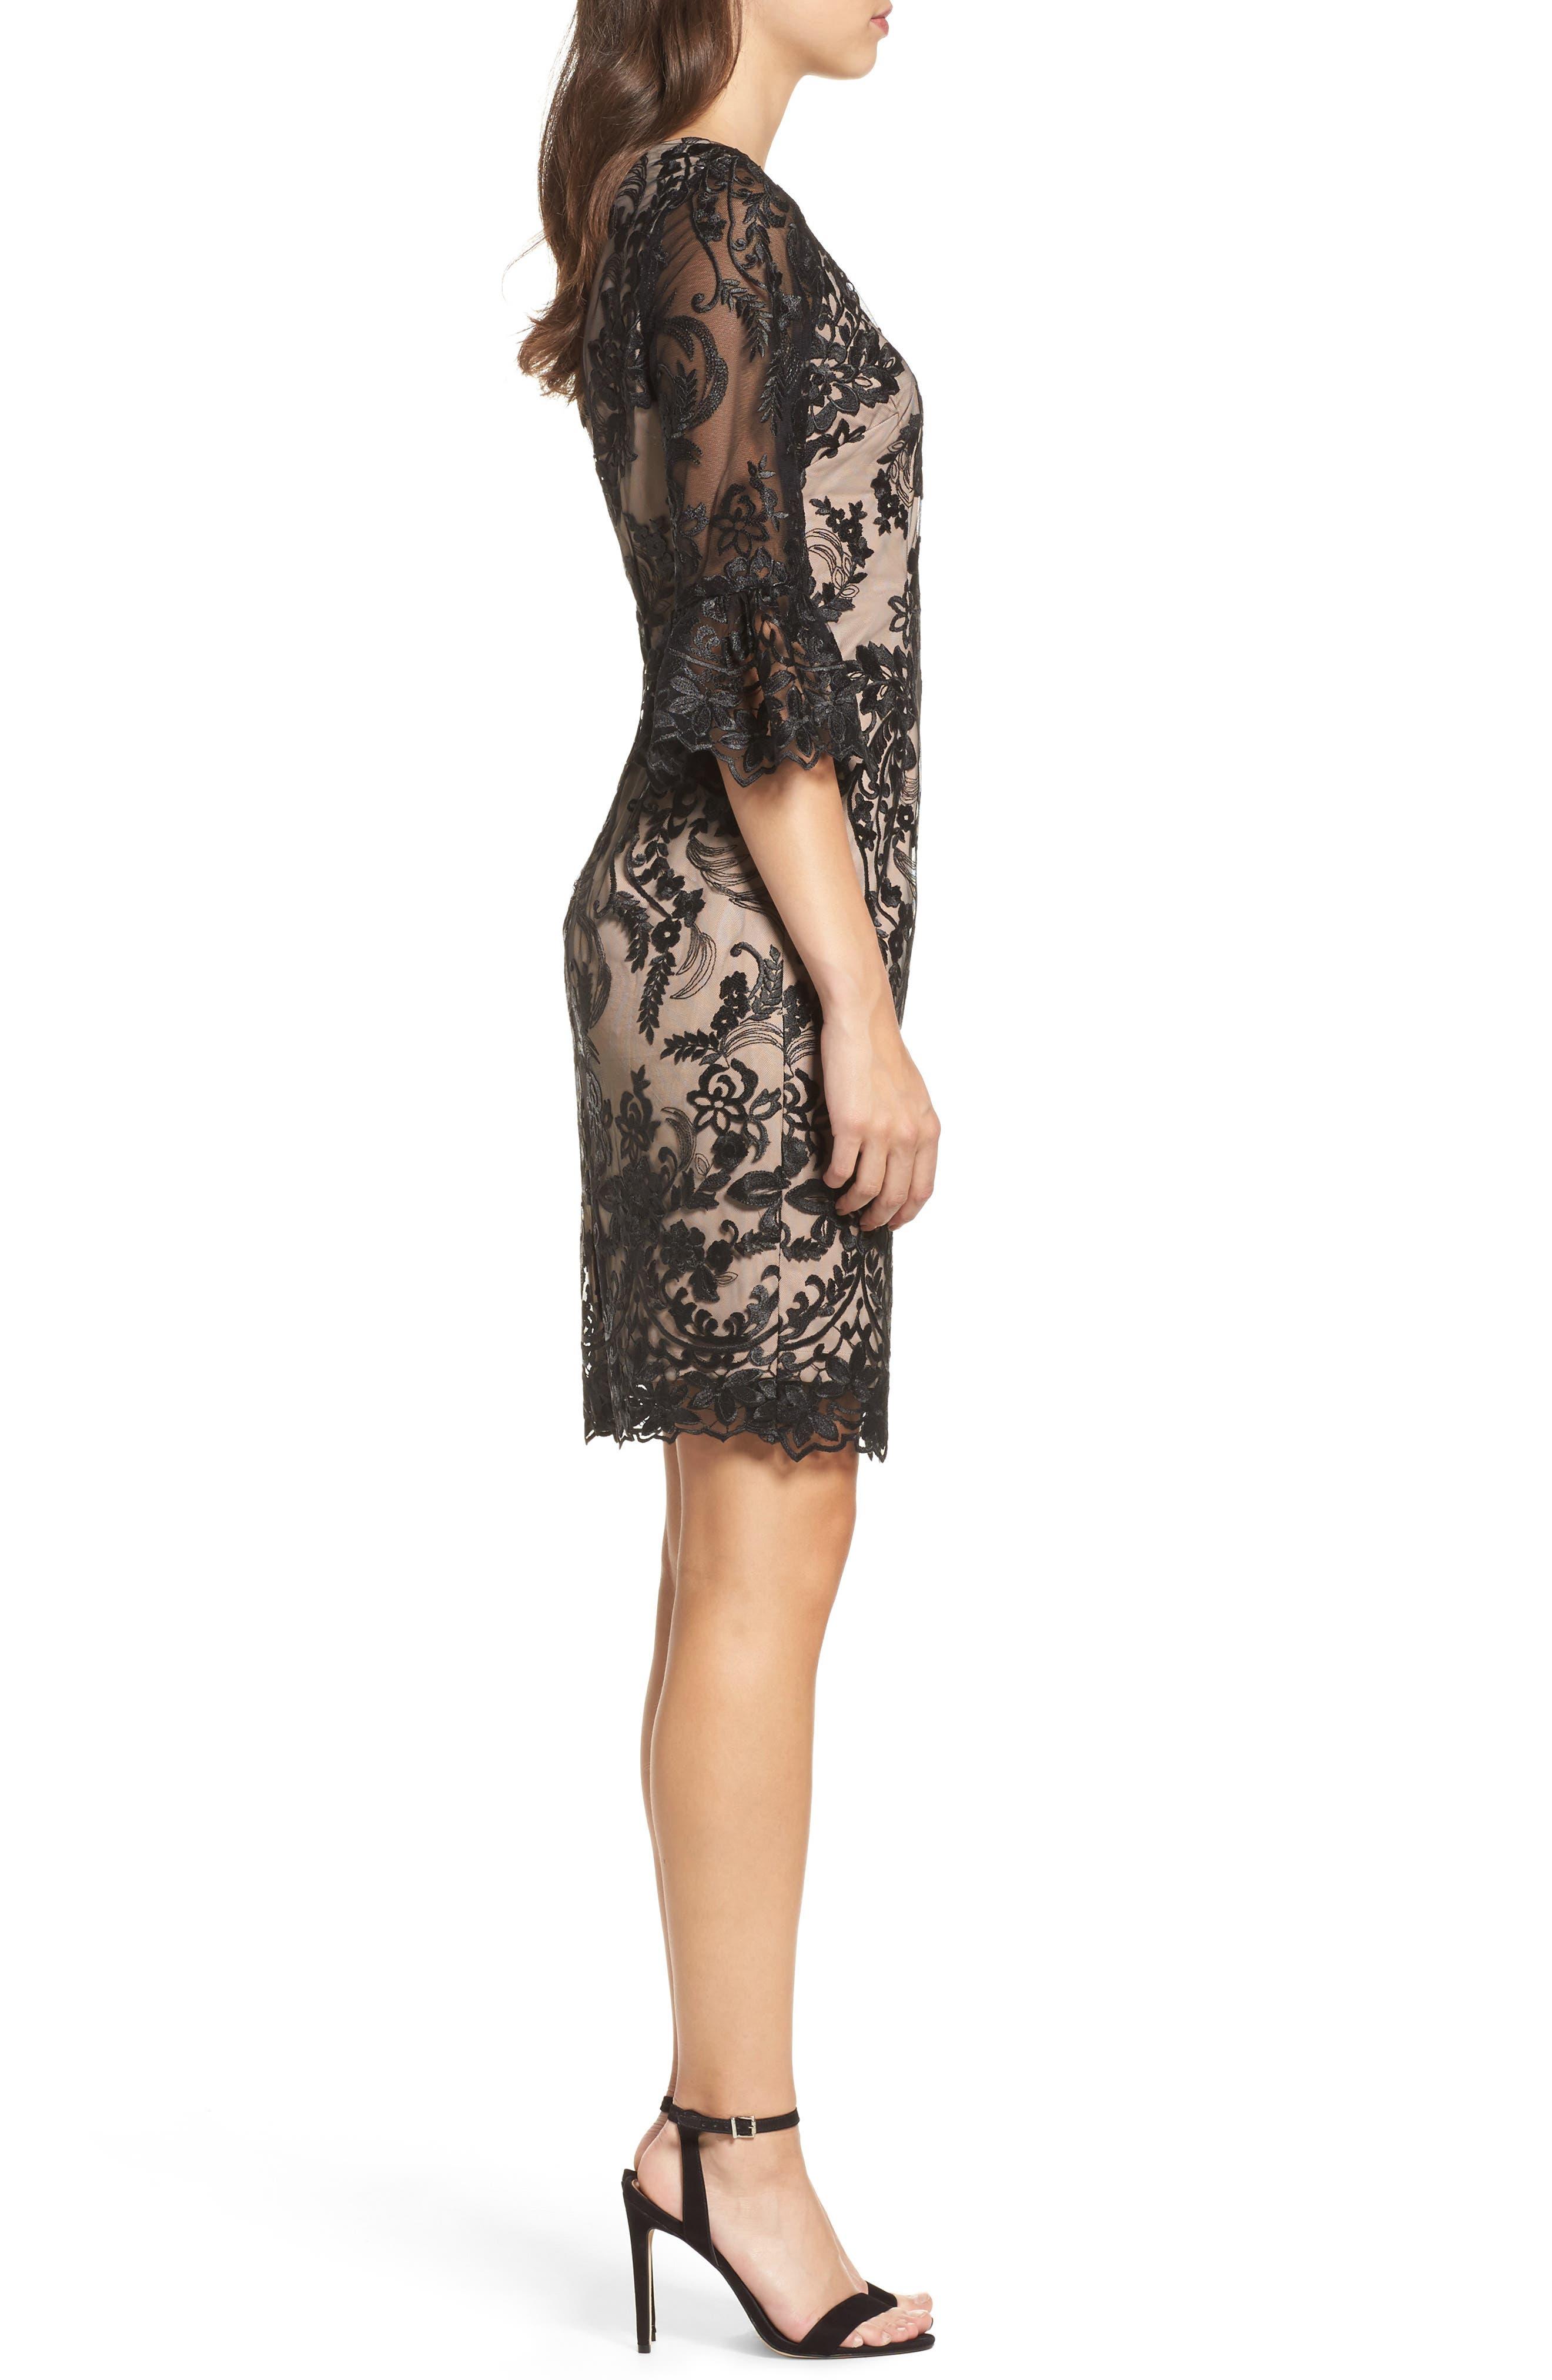 Eillen Embroidered Lace Dress,                             Alternate thumbnail 3, color,                             Black/ Bisque